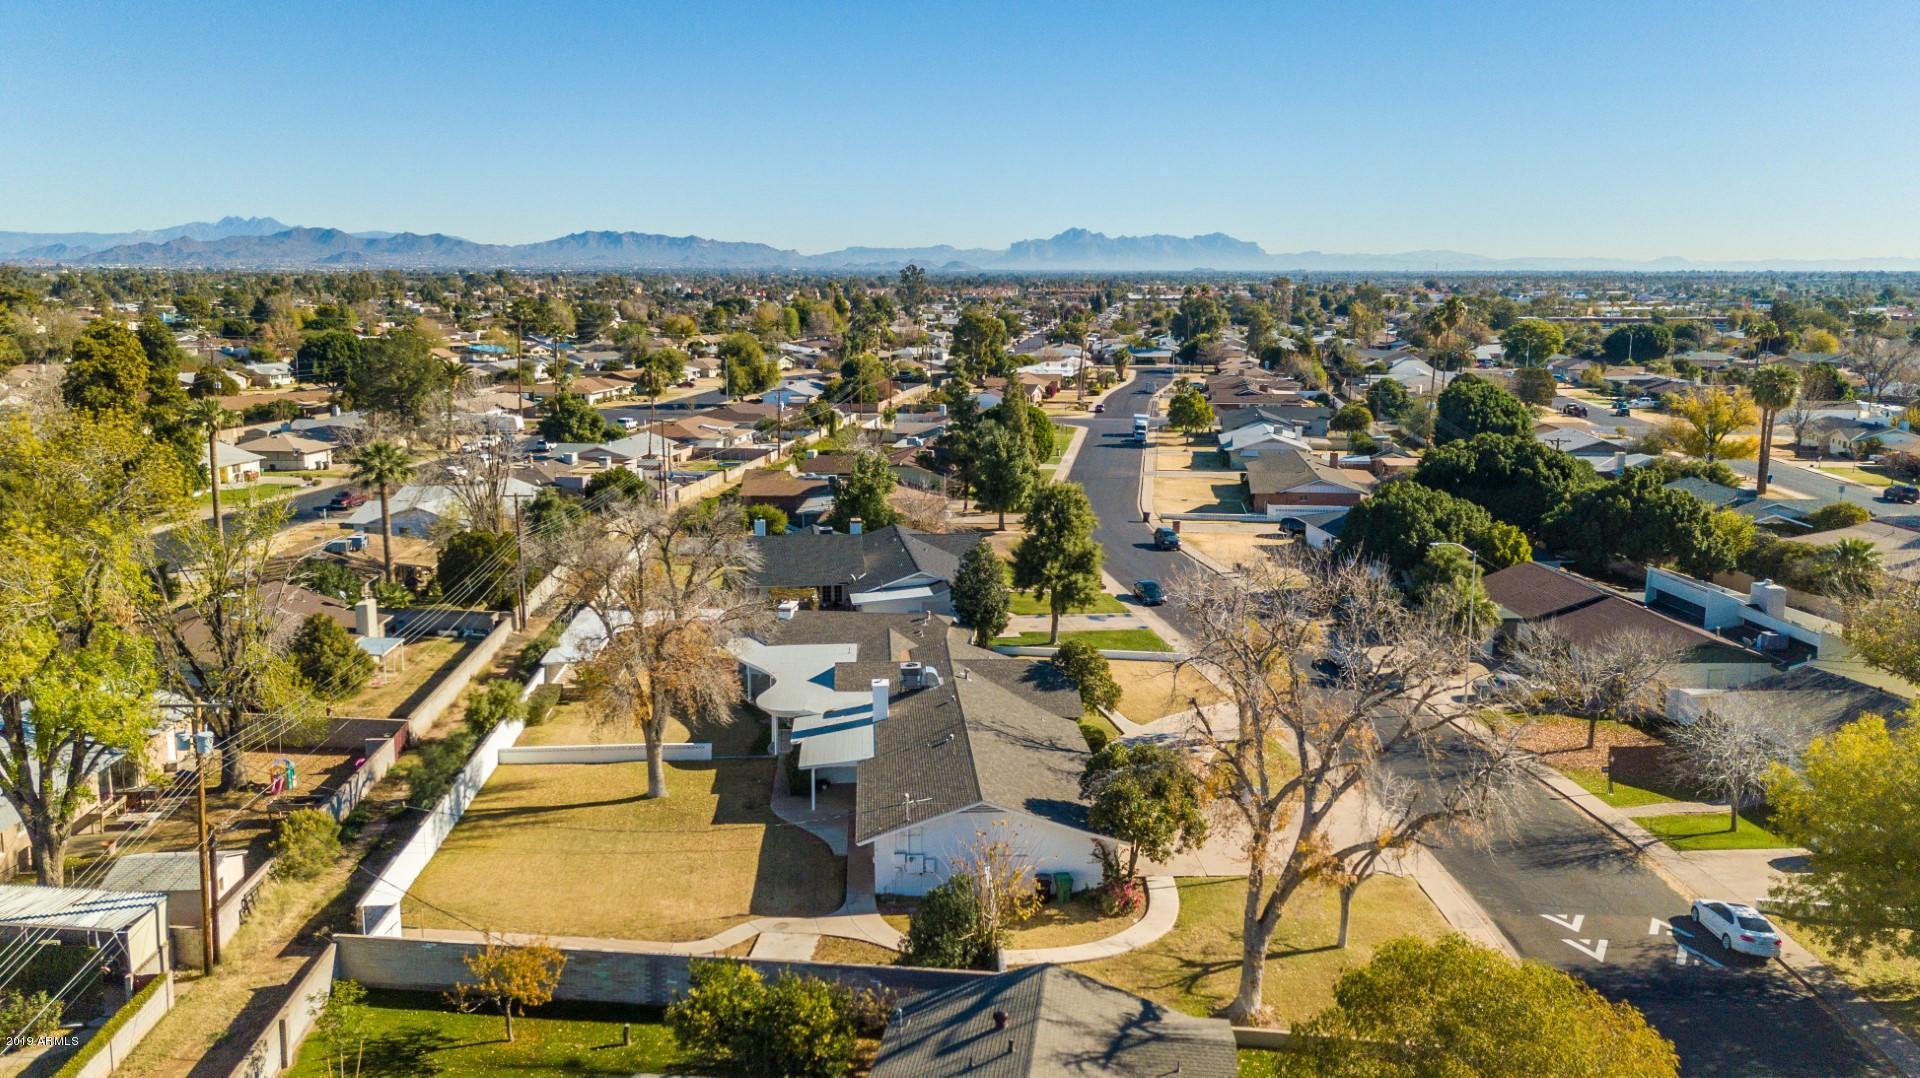 MLS 5863949 1260 E 1ST Place, Mesa, AZ 85203 Mesa AZ Northwest Mesa